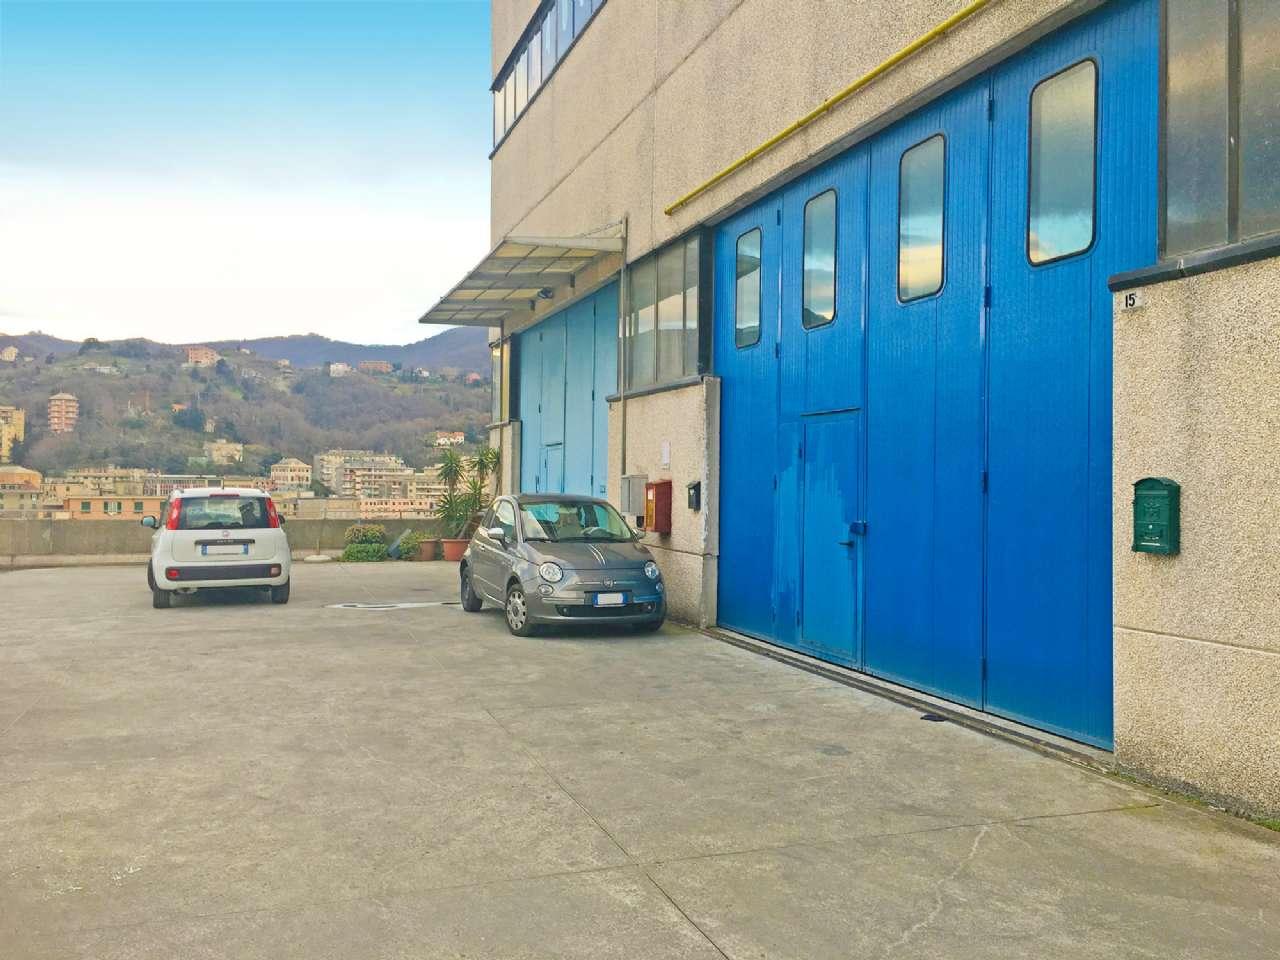 Capannone in vendita a Genova, 1 locali, zona Zona: 6 . Bolzaneto, Valpolcevera, Rivarolo, prezzo € 290.000 | CambioCasa.it